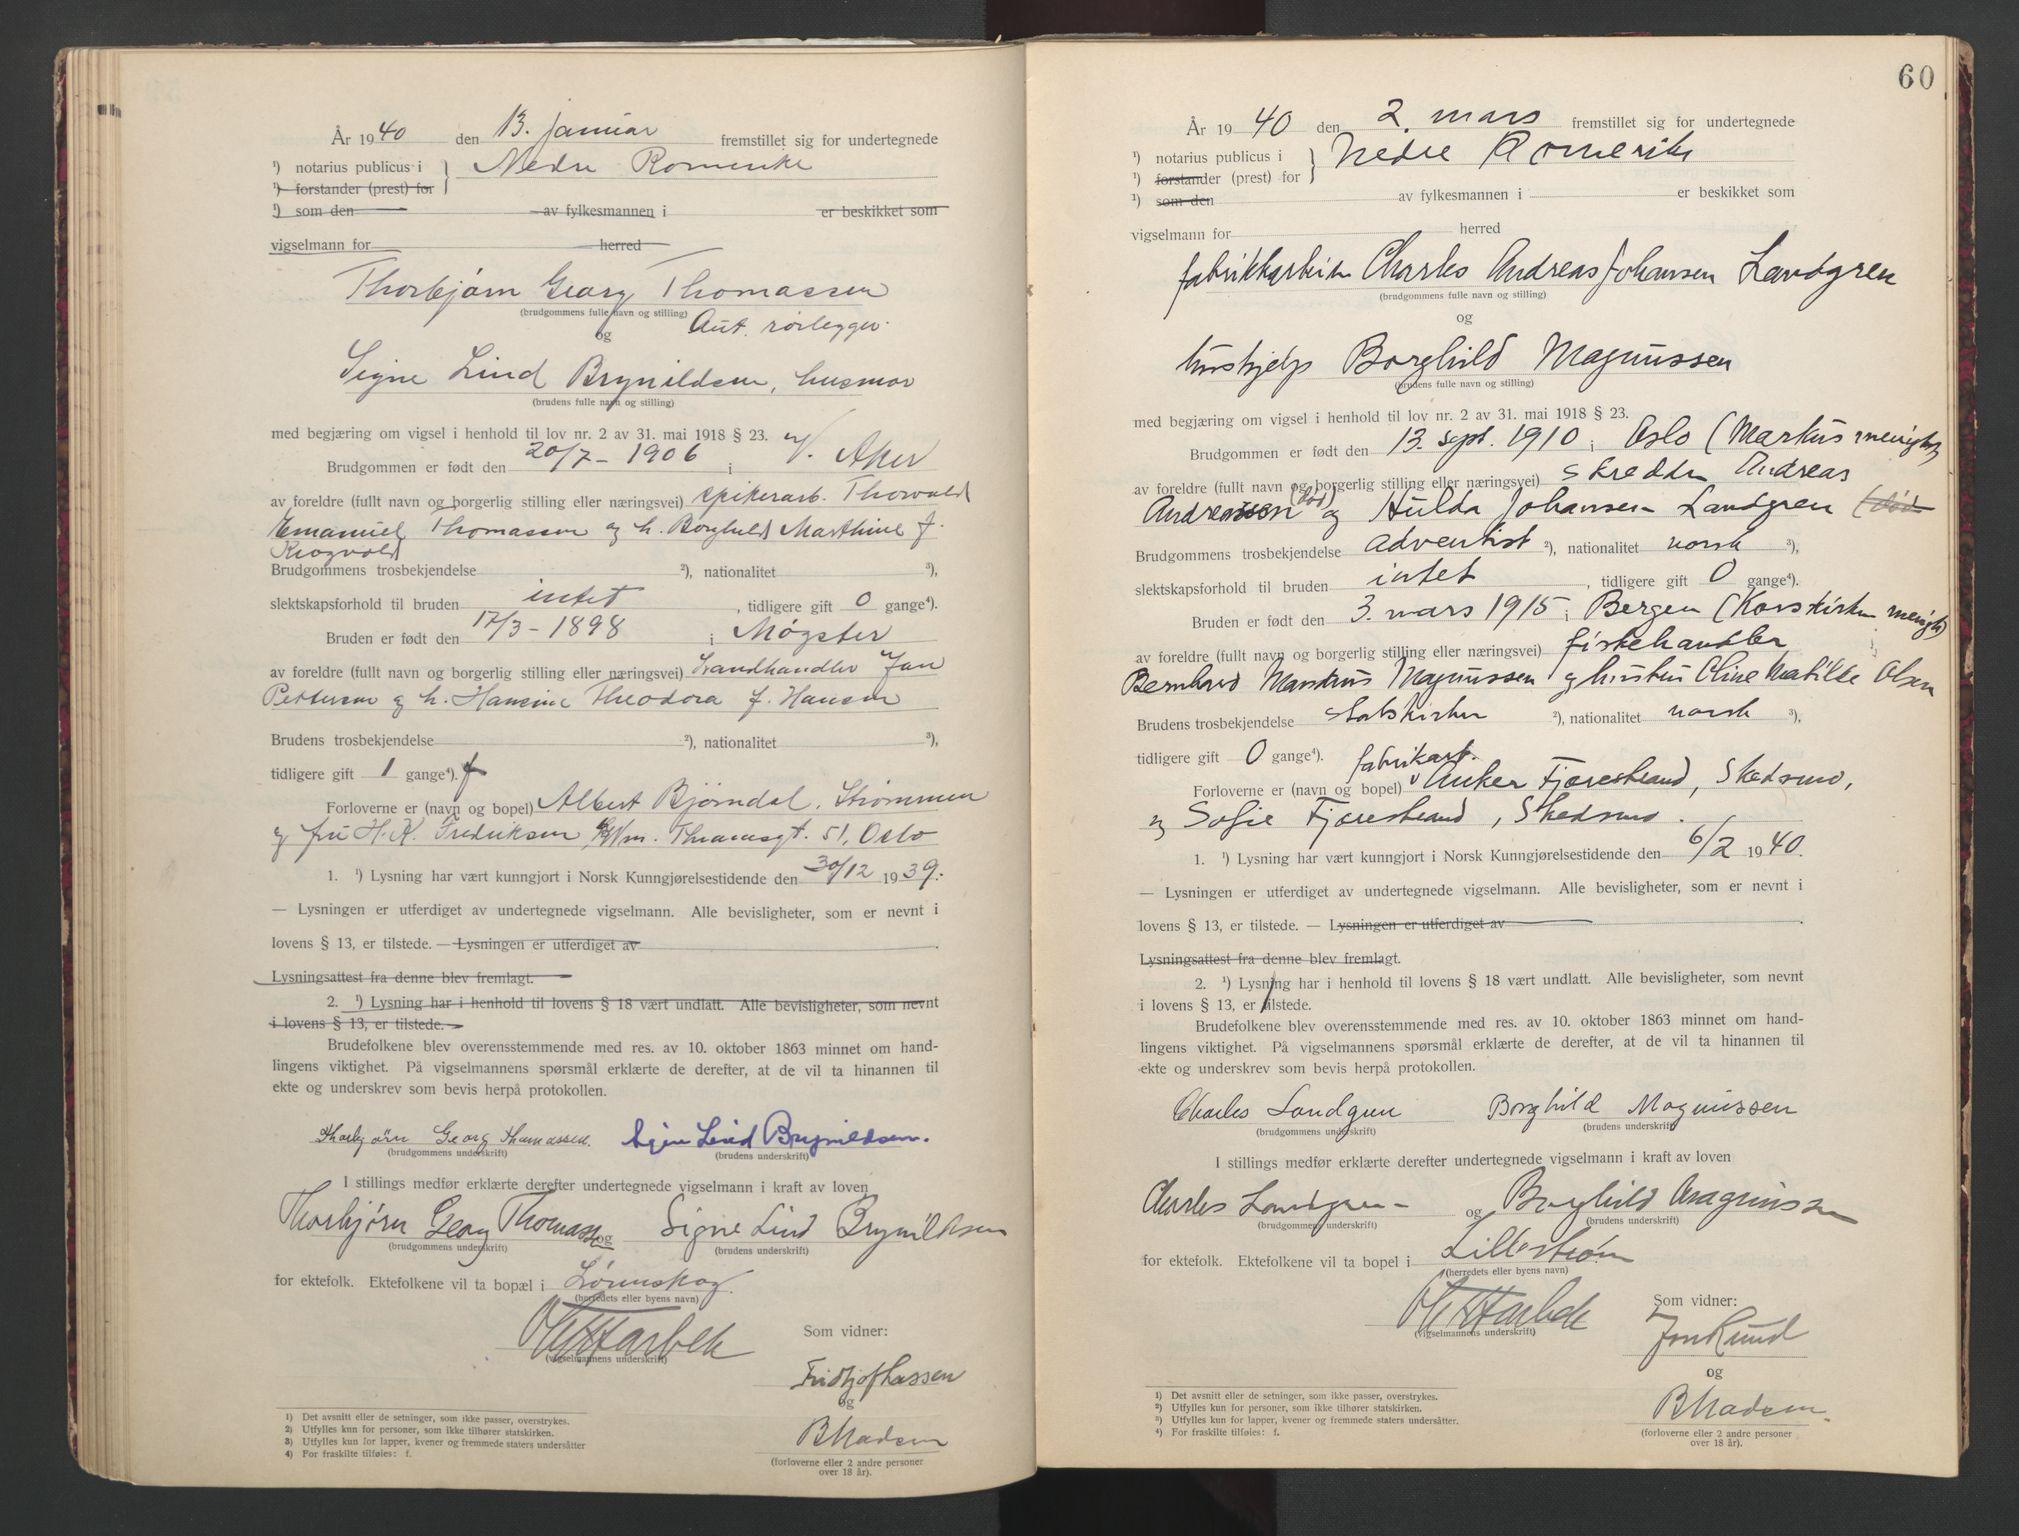 SAO, Nedre Romerike sorenskriveri, L/Lb/L0002: Vigselsbok - borgerlige vielser, 1935-1942, s. 60